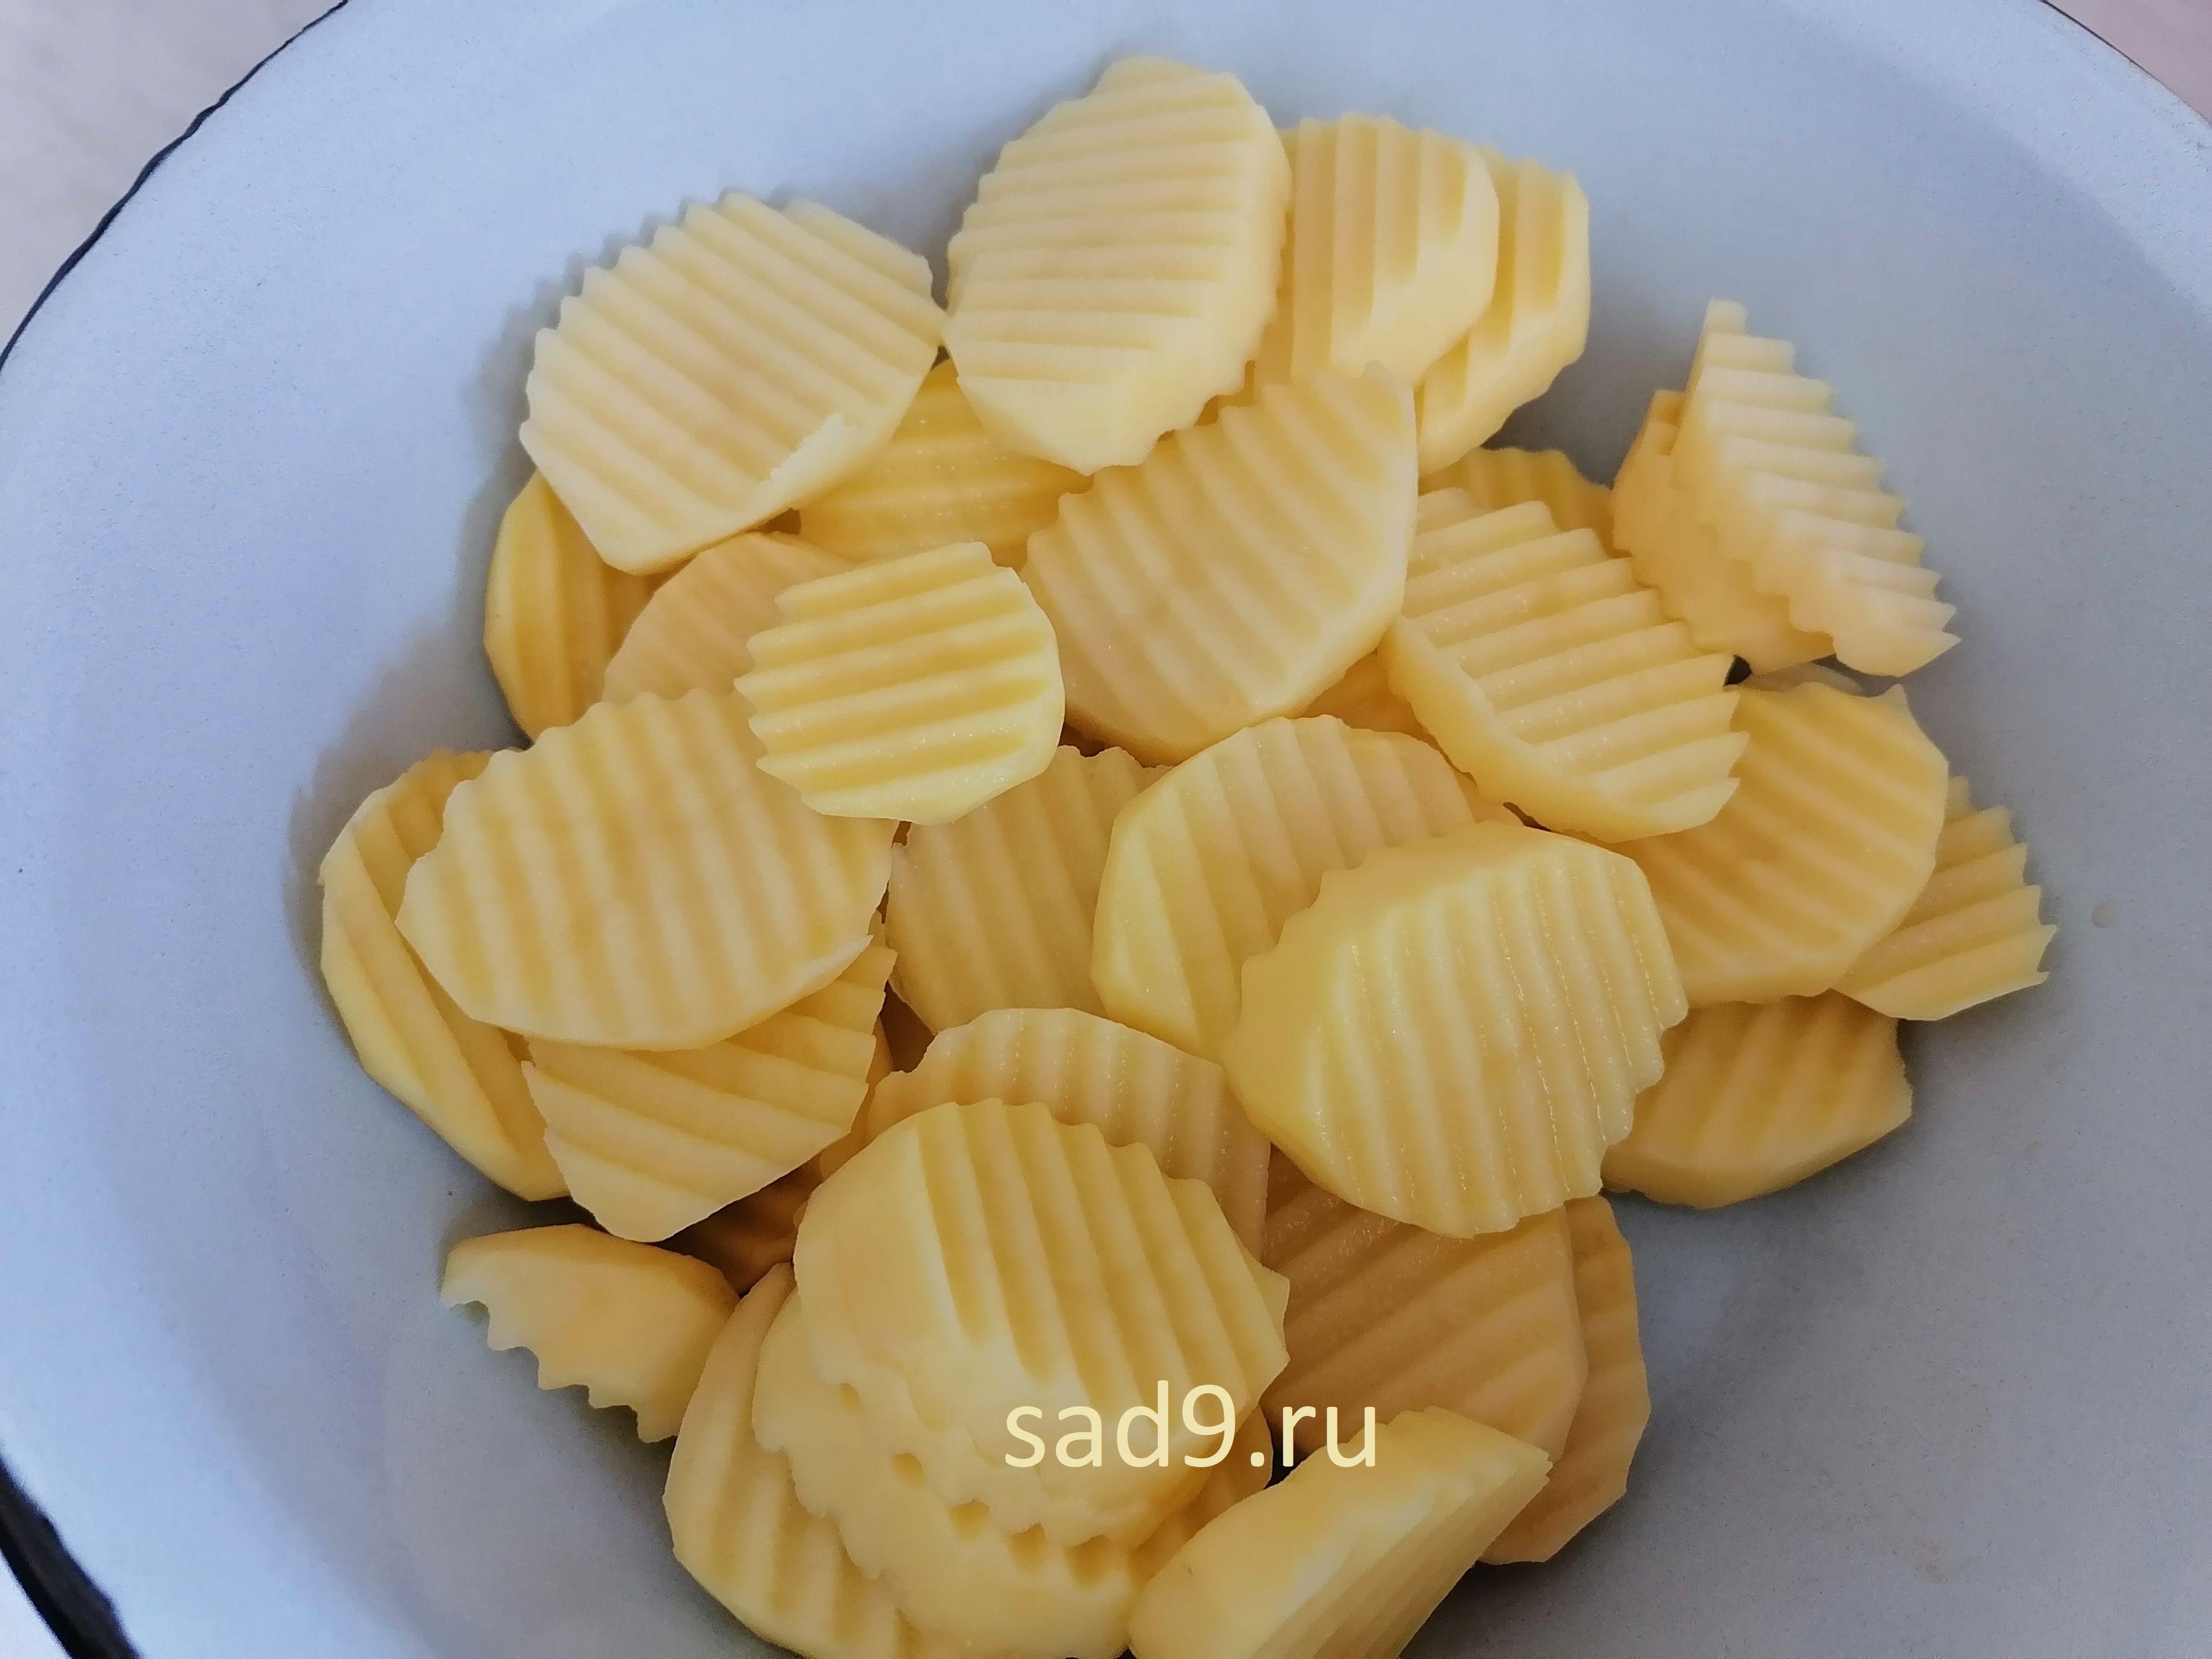 Рецепт пошагово с фото - картофель с грибами